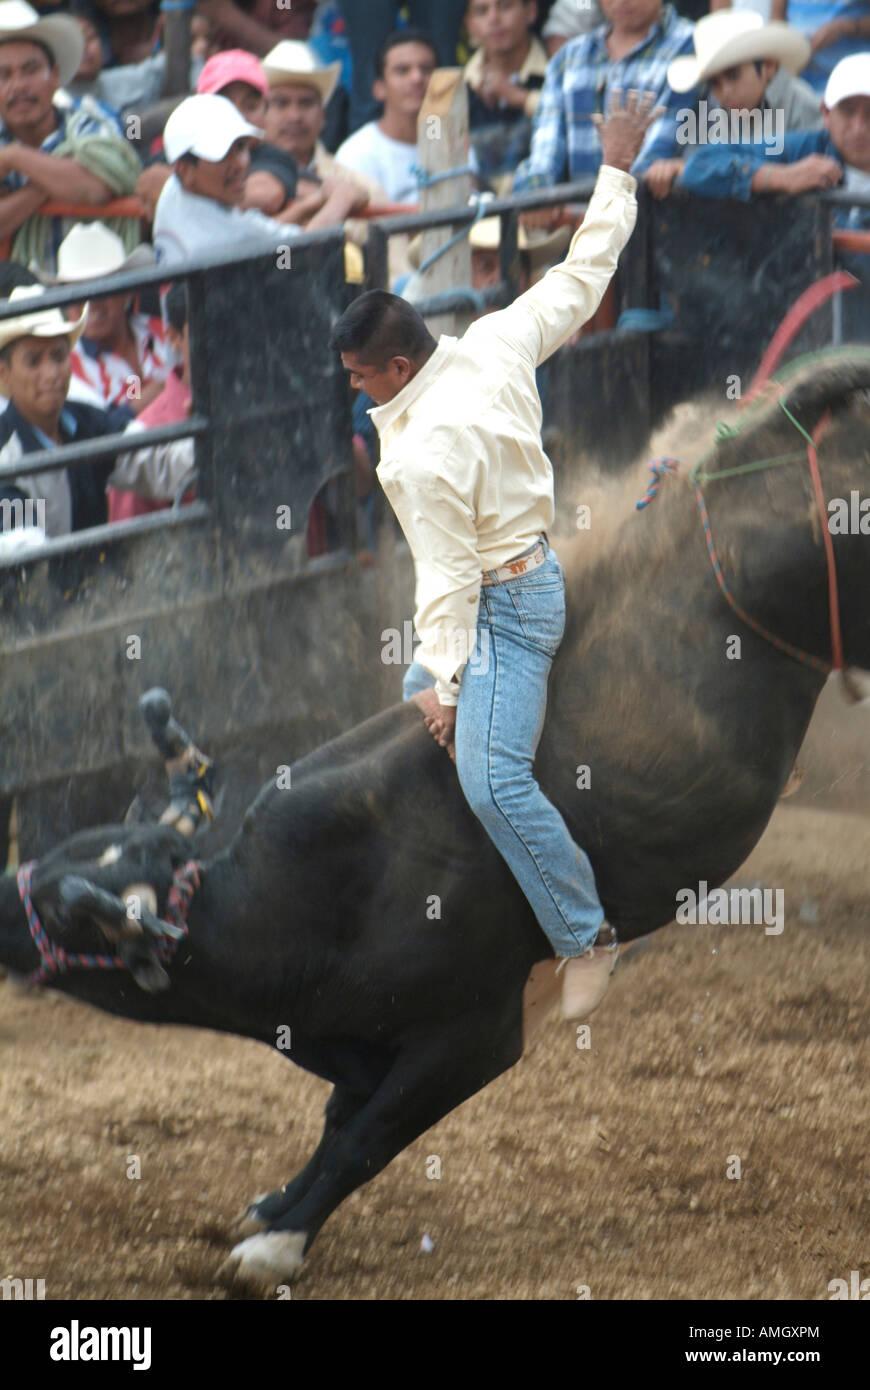 Mexico Morelos Mexican Bullriding Rodeo Stock Photo